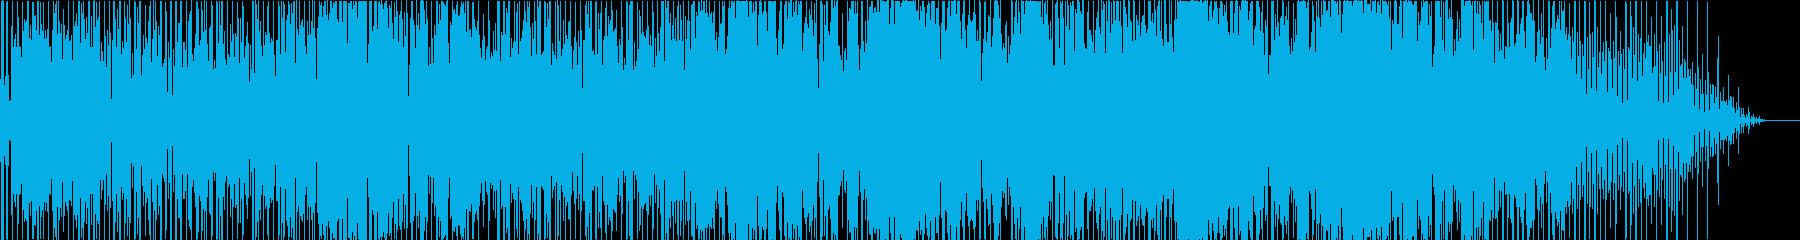 Ringの再生済みの波形